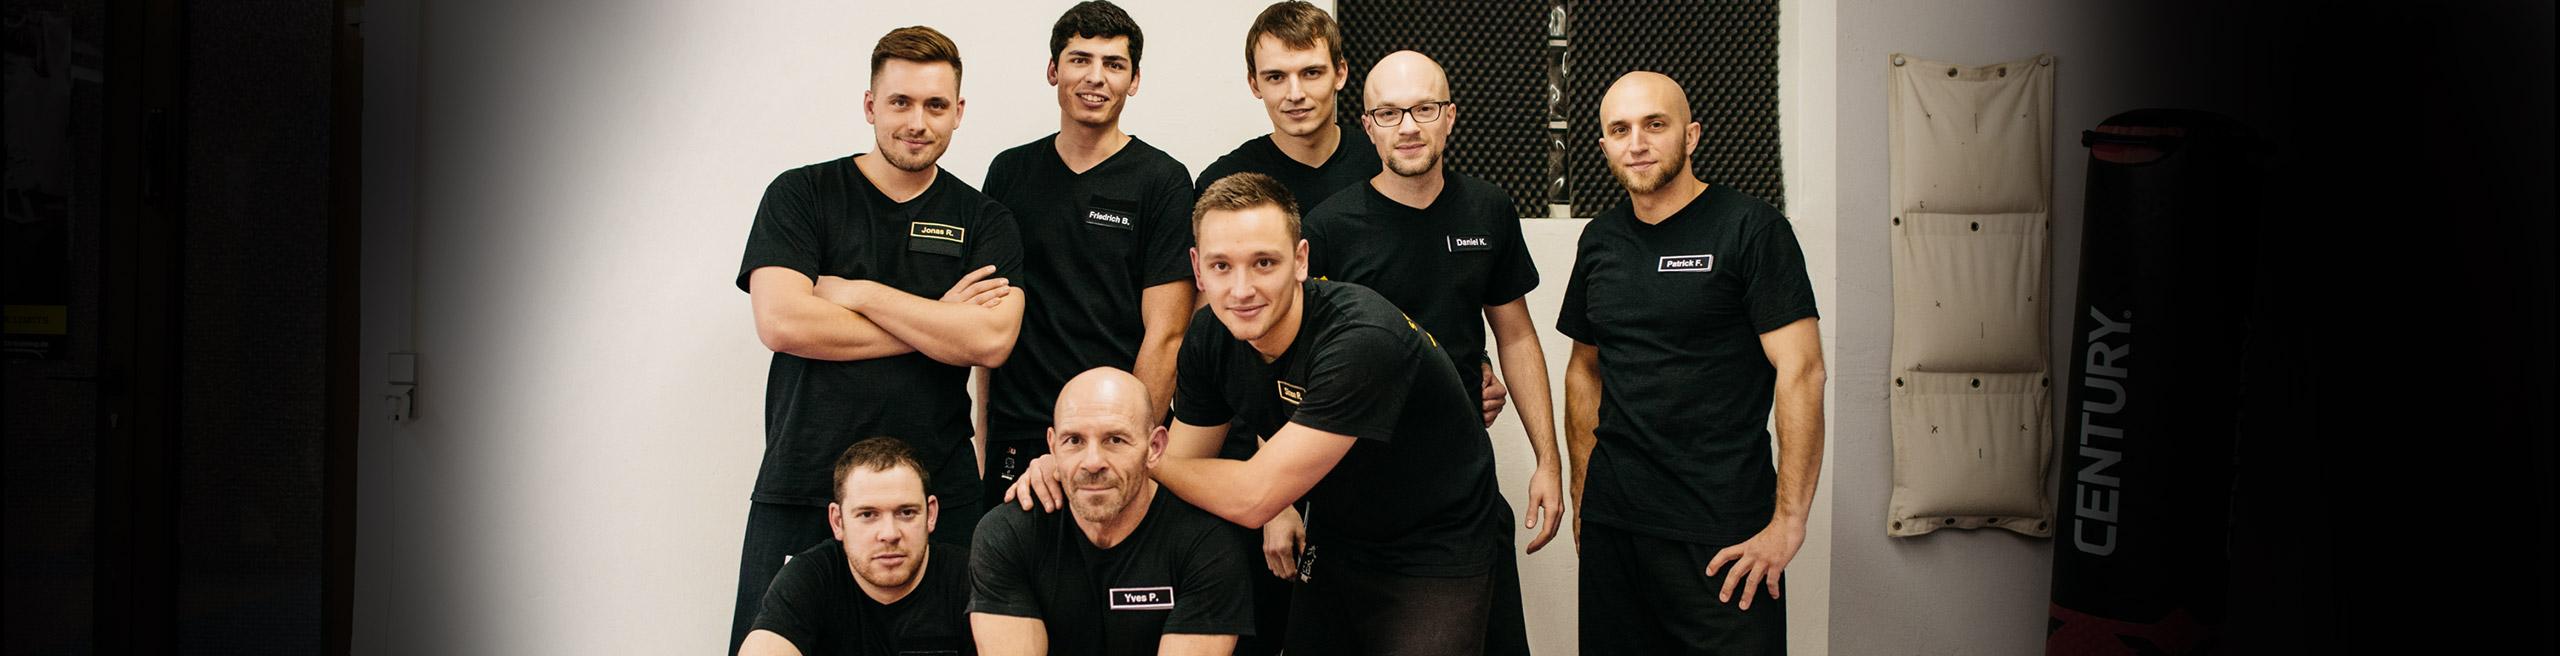 pskr-slider-team